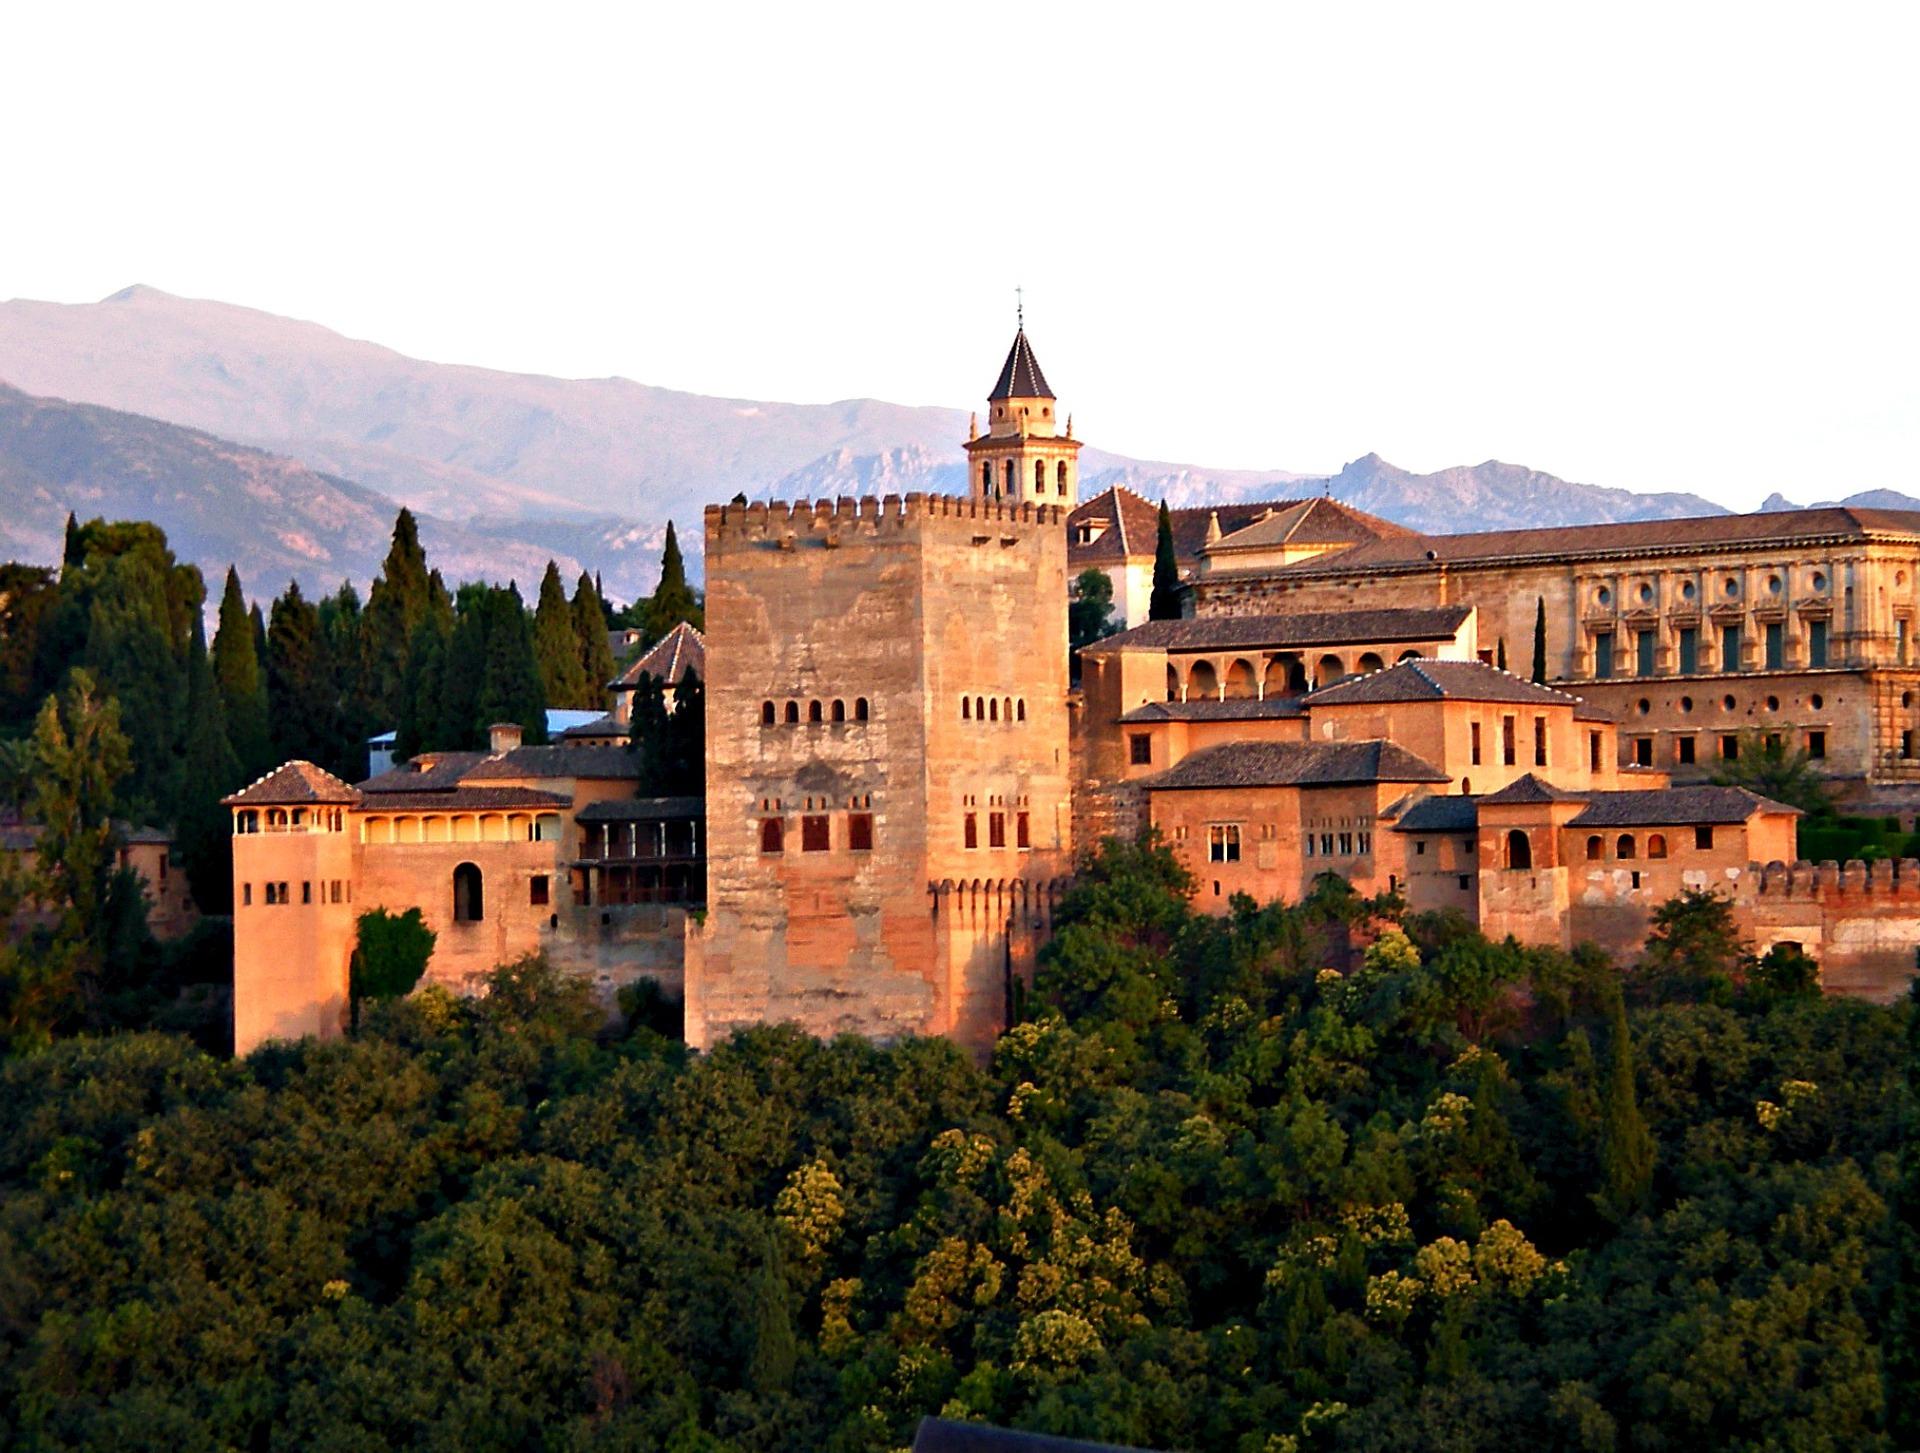 La Alhambra Granada cuidadores Gudog